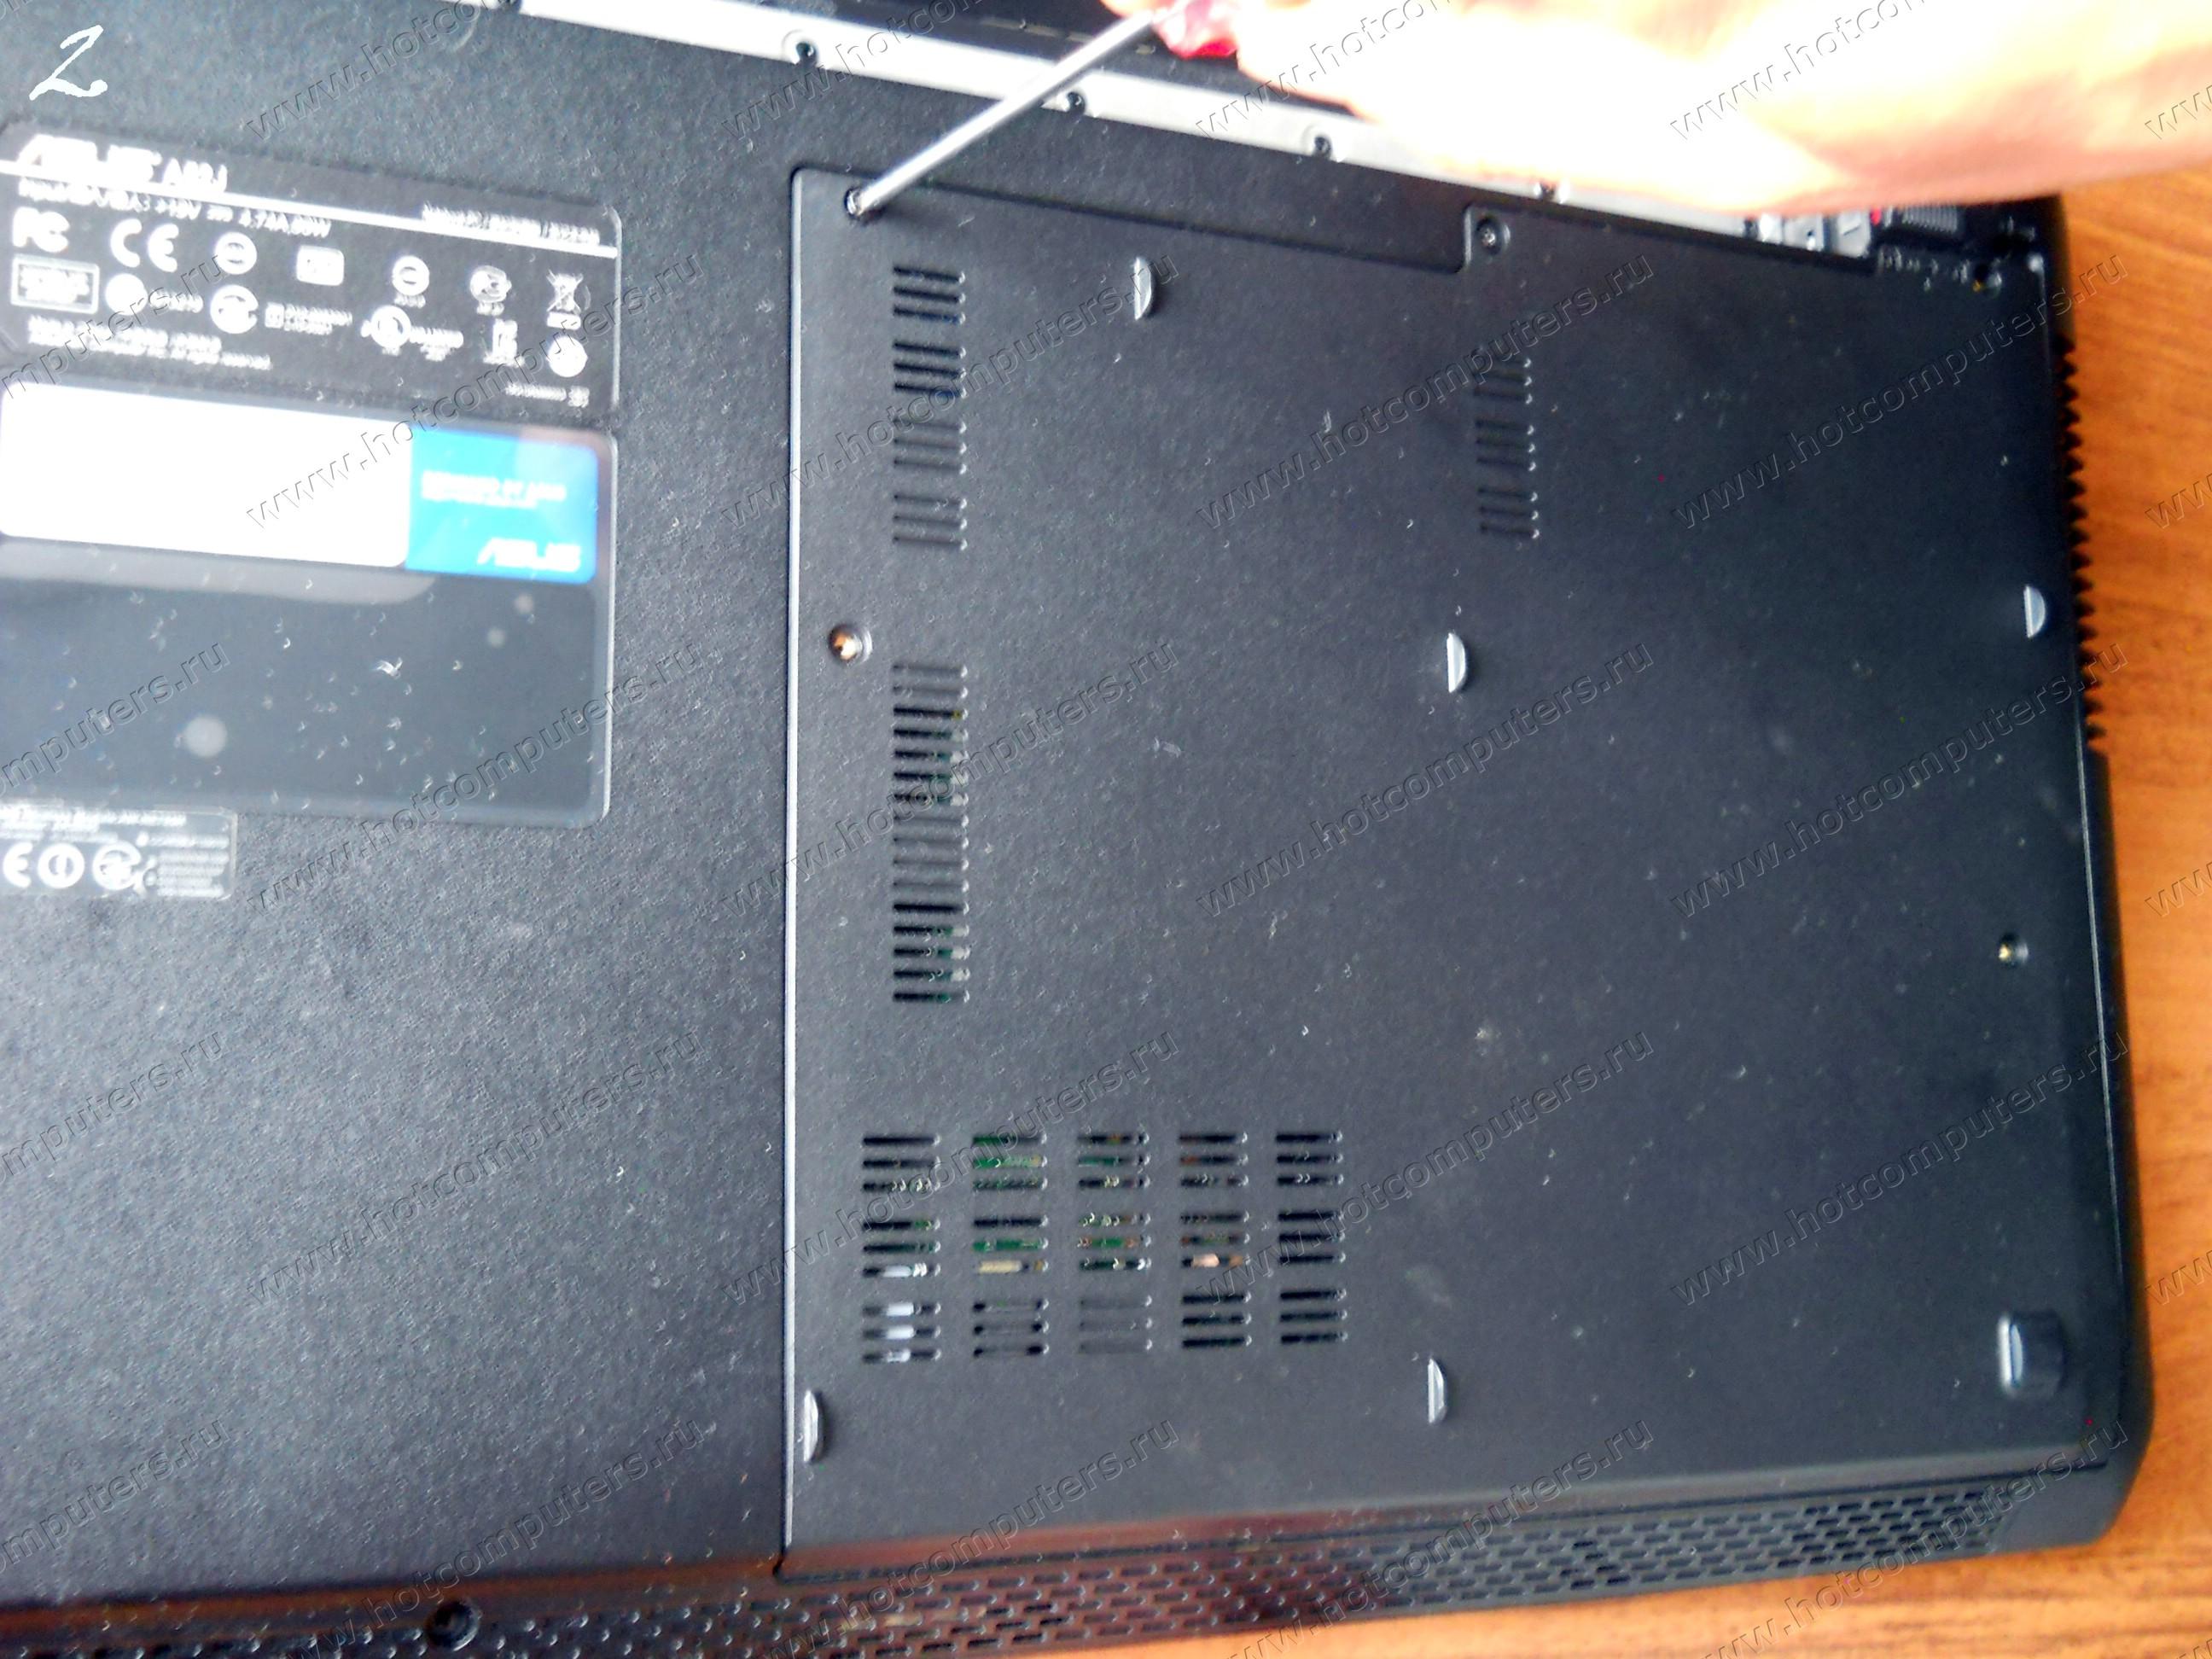 Снятие батареи и откручивание болтов крестовой отверткой по периметру крышки ноутбука Asus